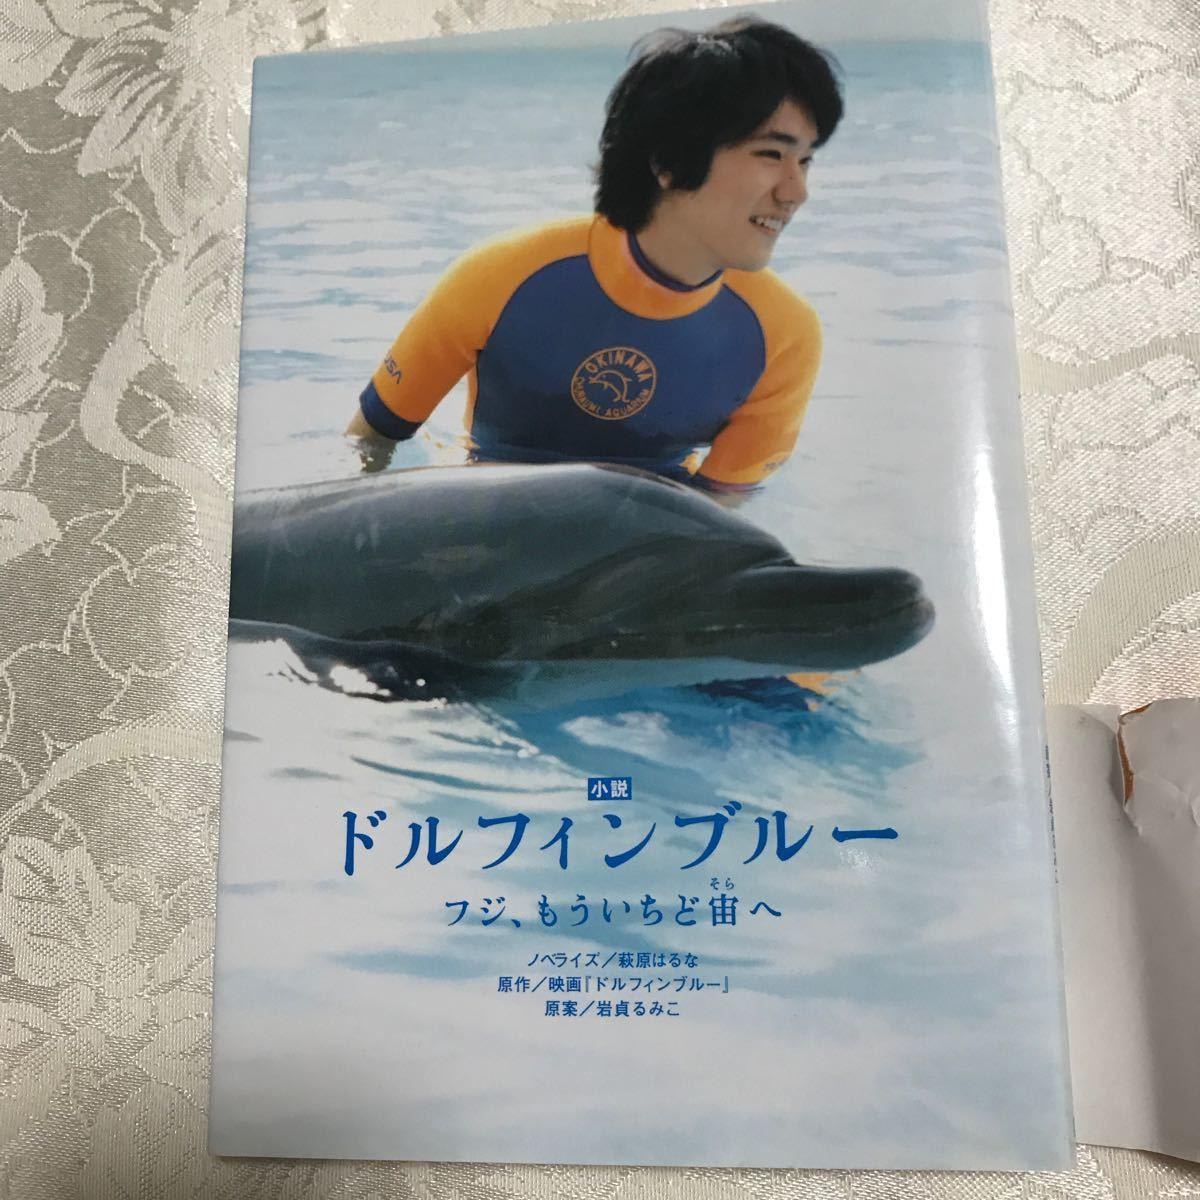 小説ドルフィンブルー/岩貞るみこ